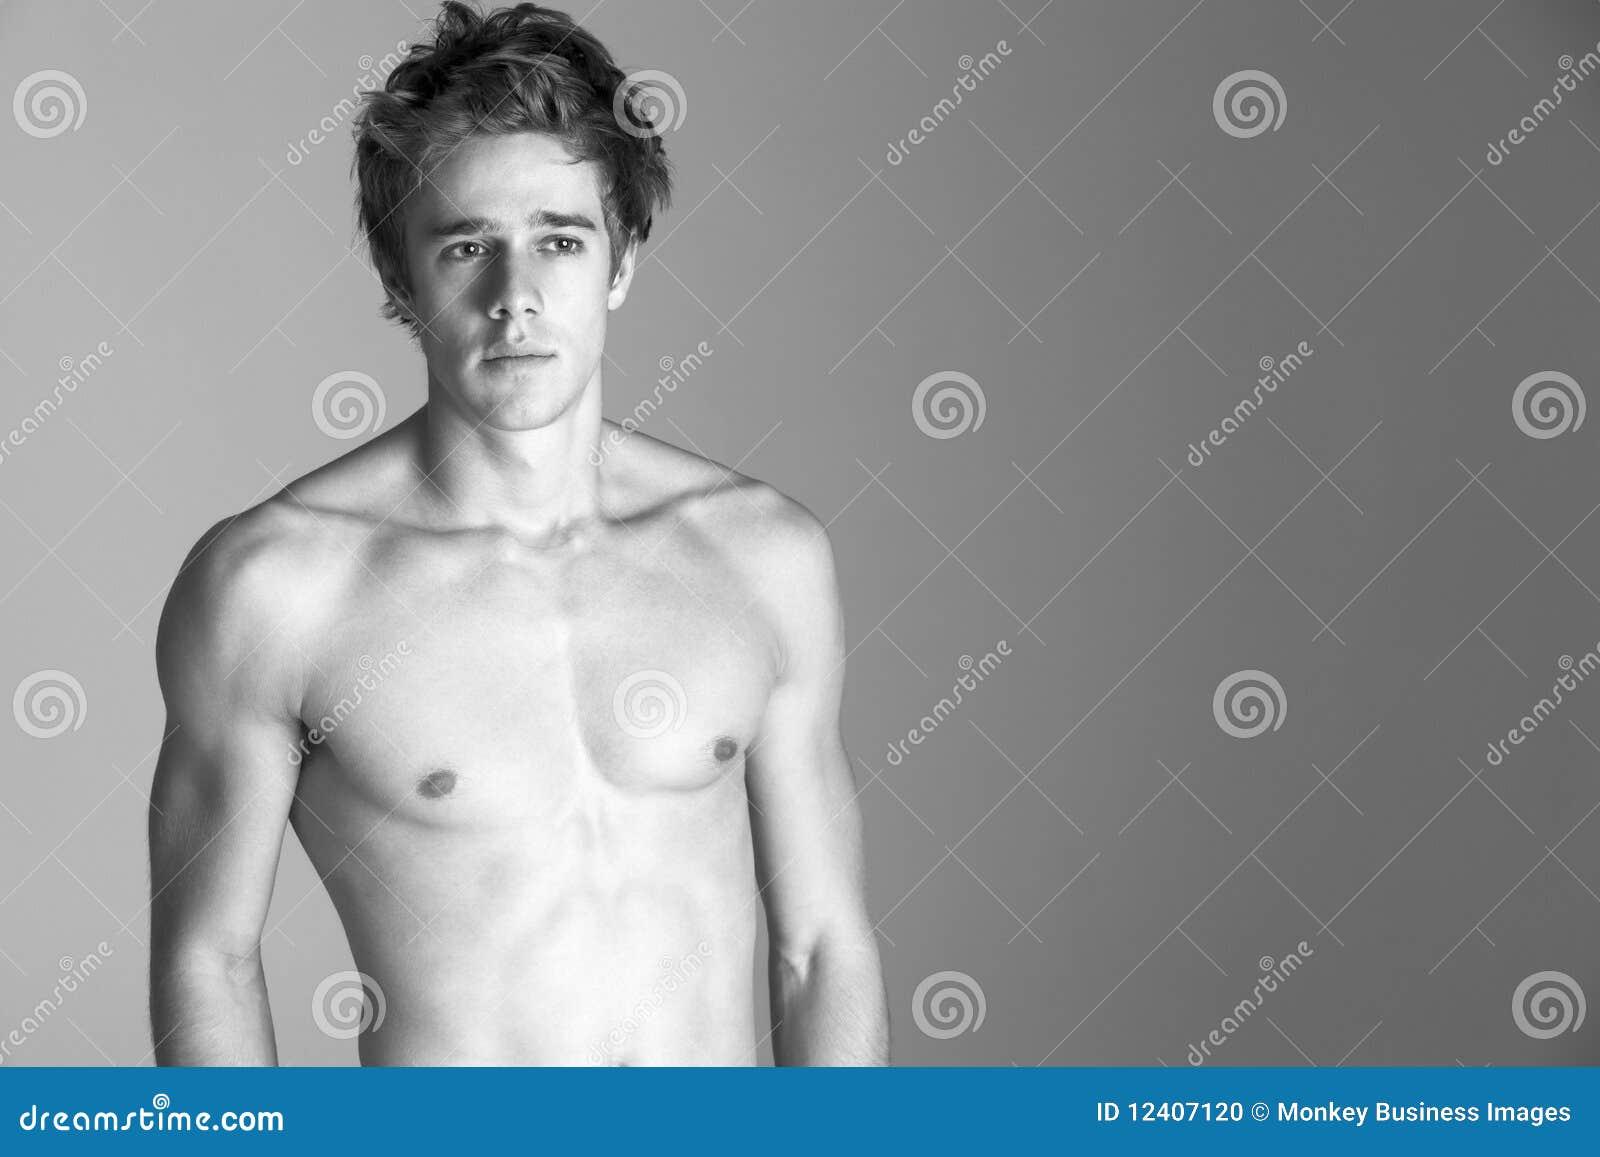 Image libre d'hommes nus